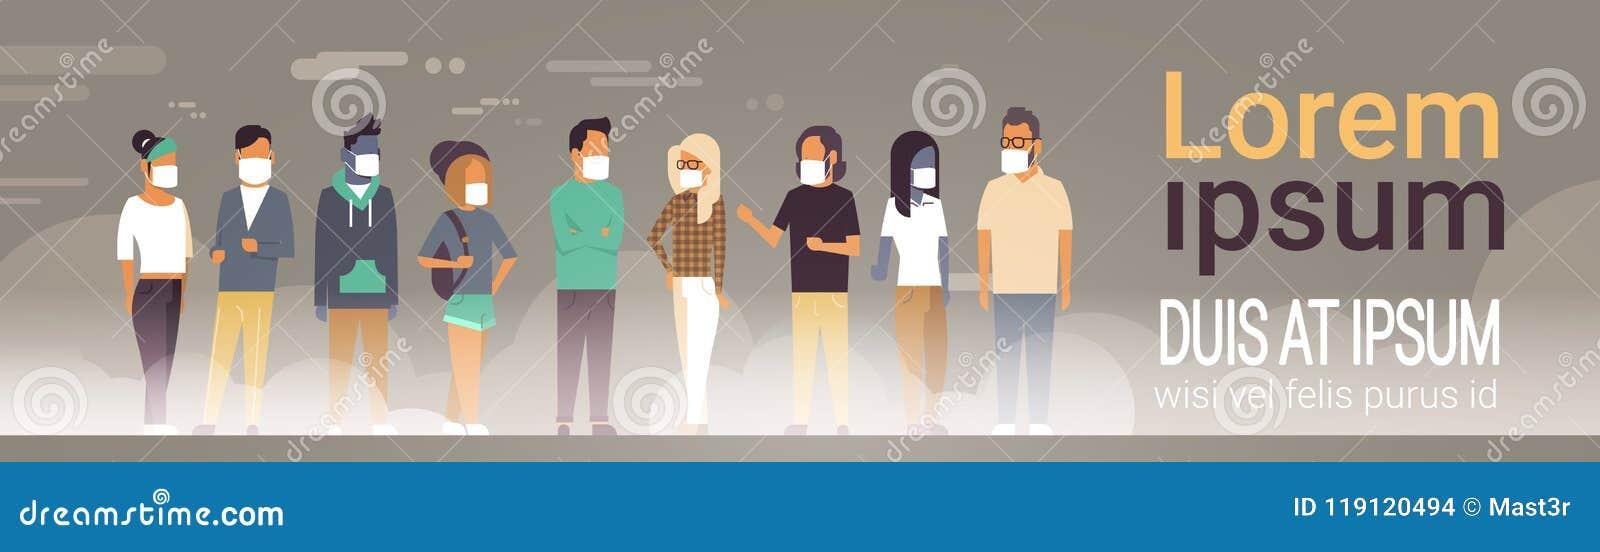 混合种族在面具的人小组在灰色烟雾自然大气污染城市风景大气男女全长拷贝